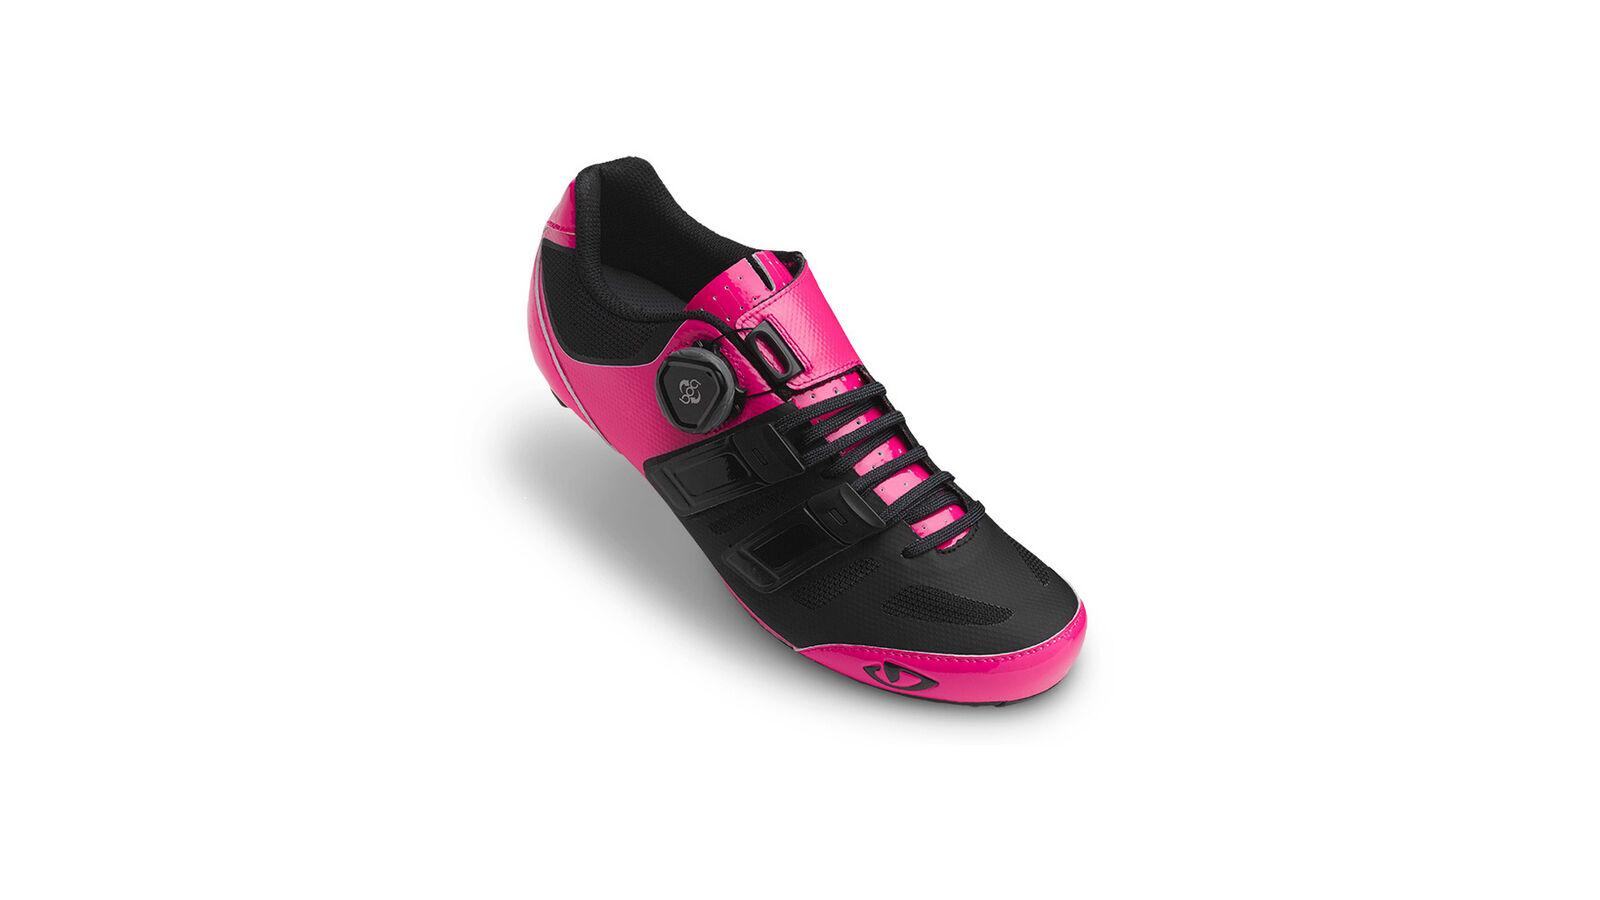 Giro Zapatillas de Bicicleta Raes Techlace Fucsia Impermeable Transpirable Fácil